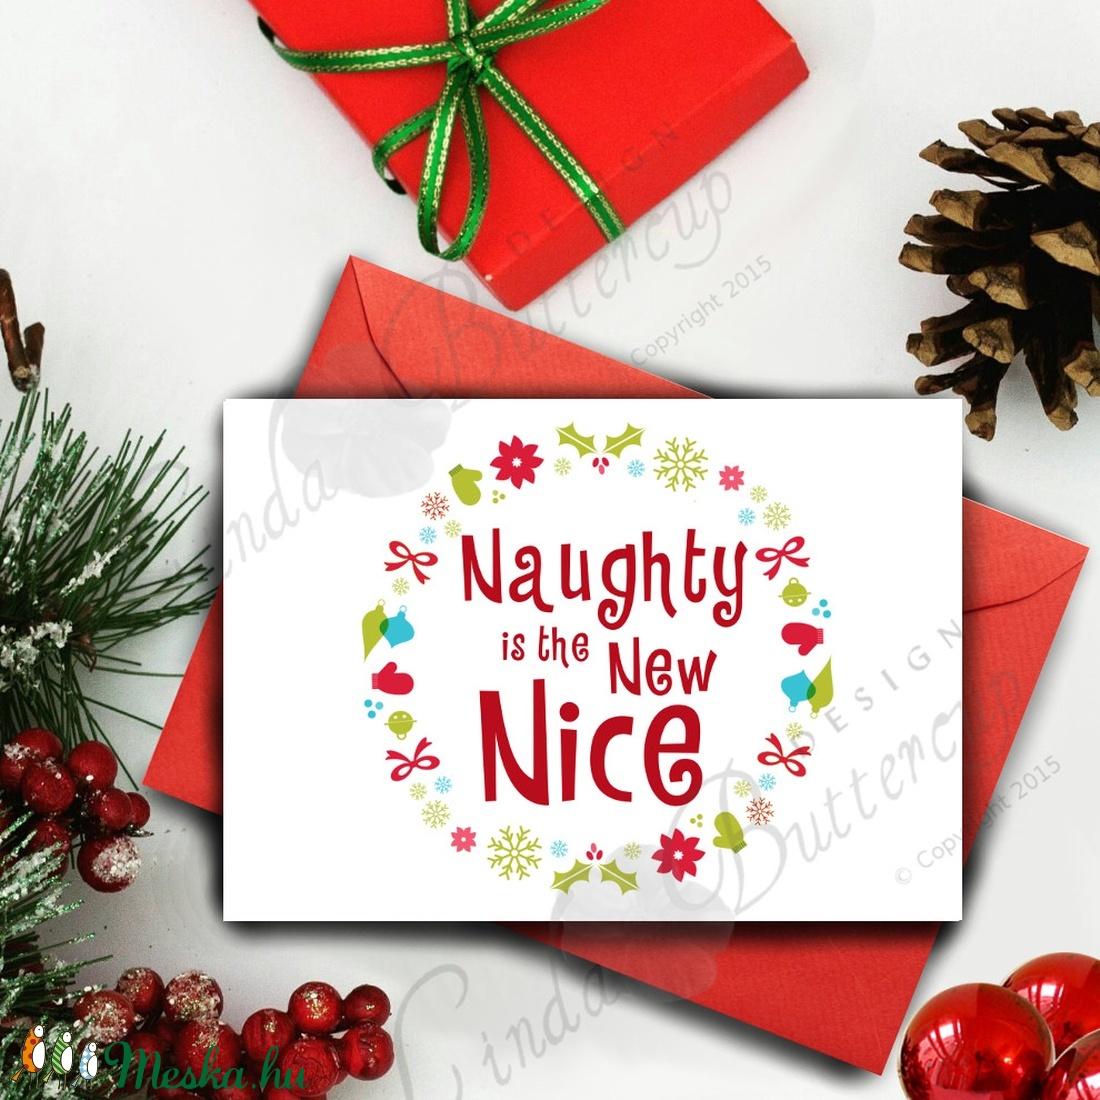 Karácsonyi Képeslap, Adventi Képeslap, Karácsonyi vicces lap, Karácsonyi üdvözlőlap - karácsony - karácsonyi ajándékozás - karácsonyi képeslap, üdvözlőlap, ajándékkísérő - Meska.hu